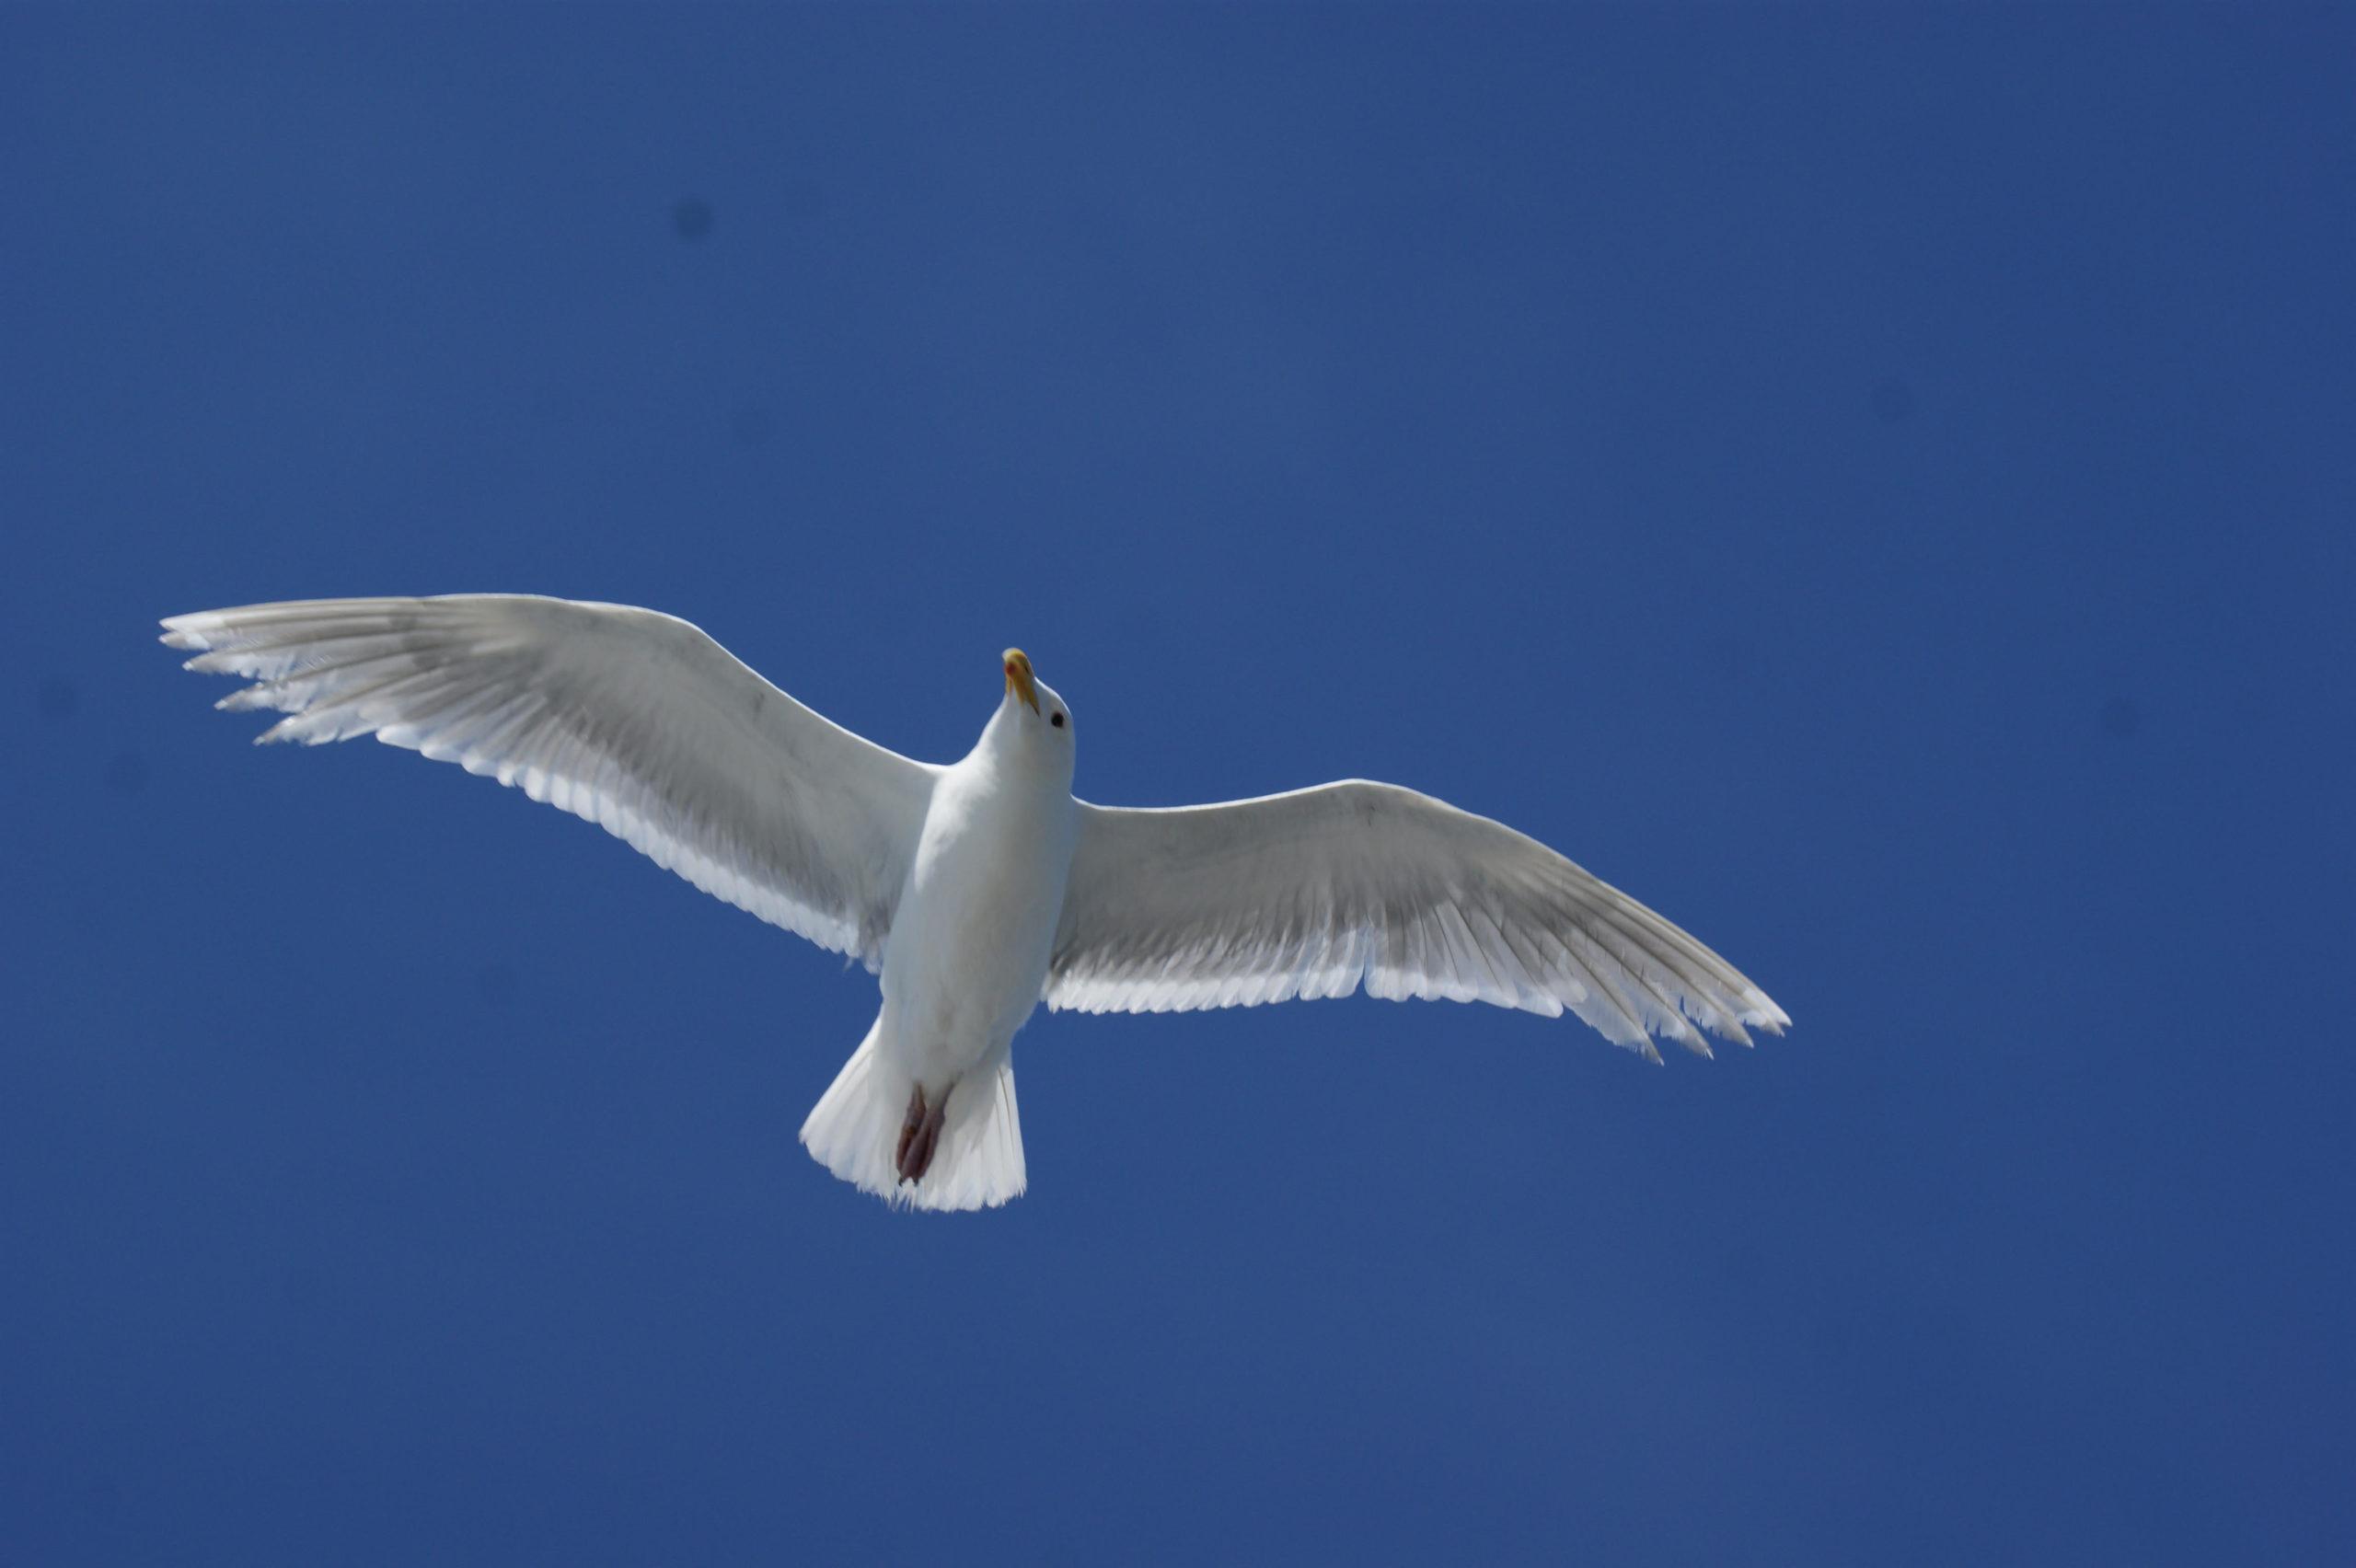 white gull flying